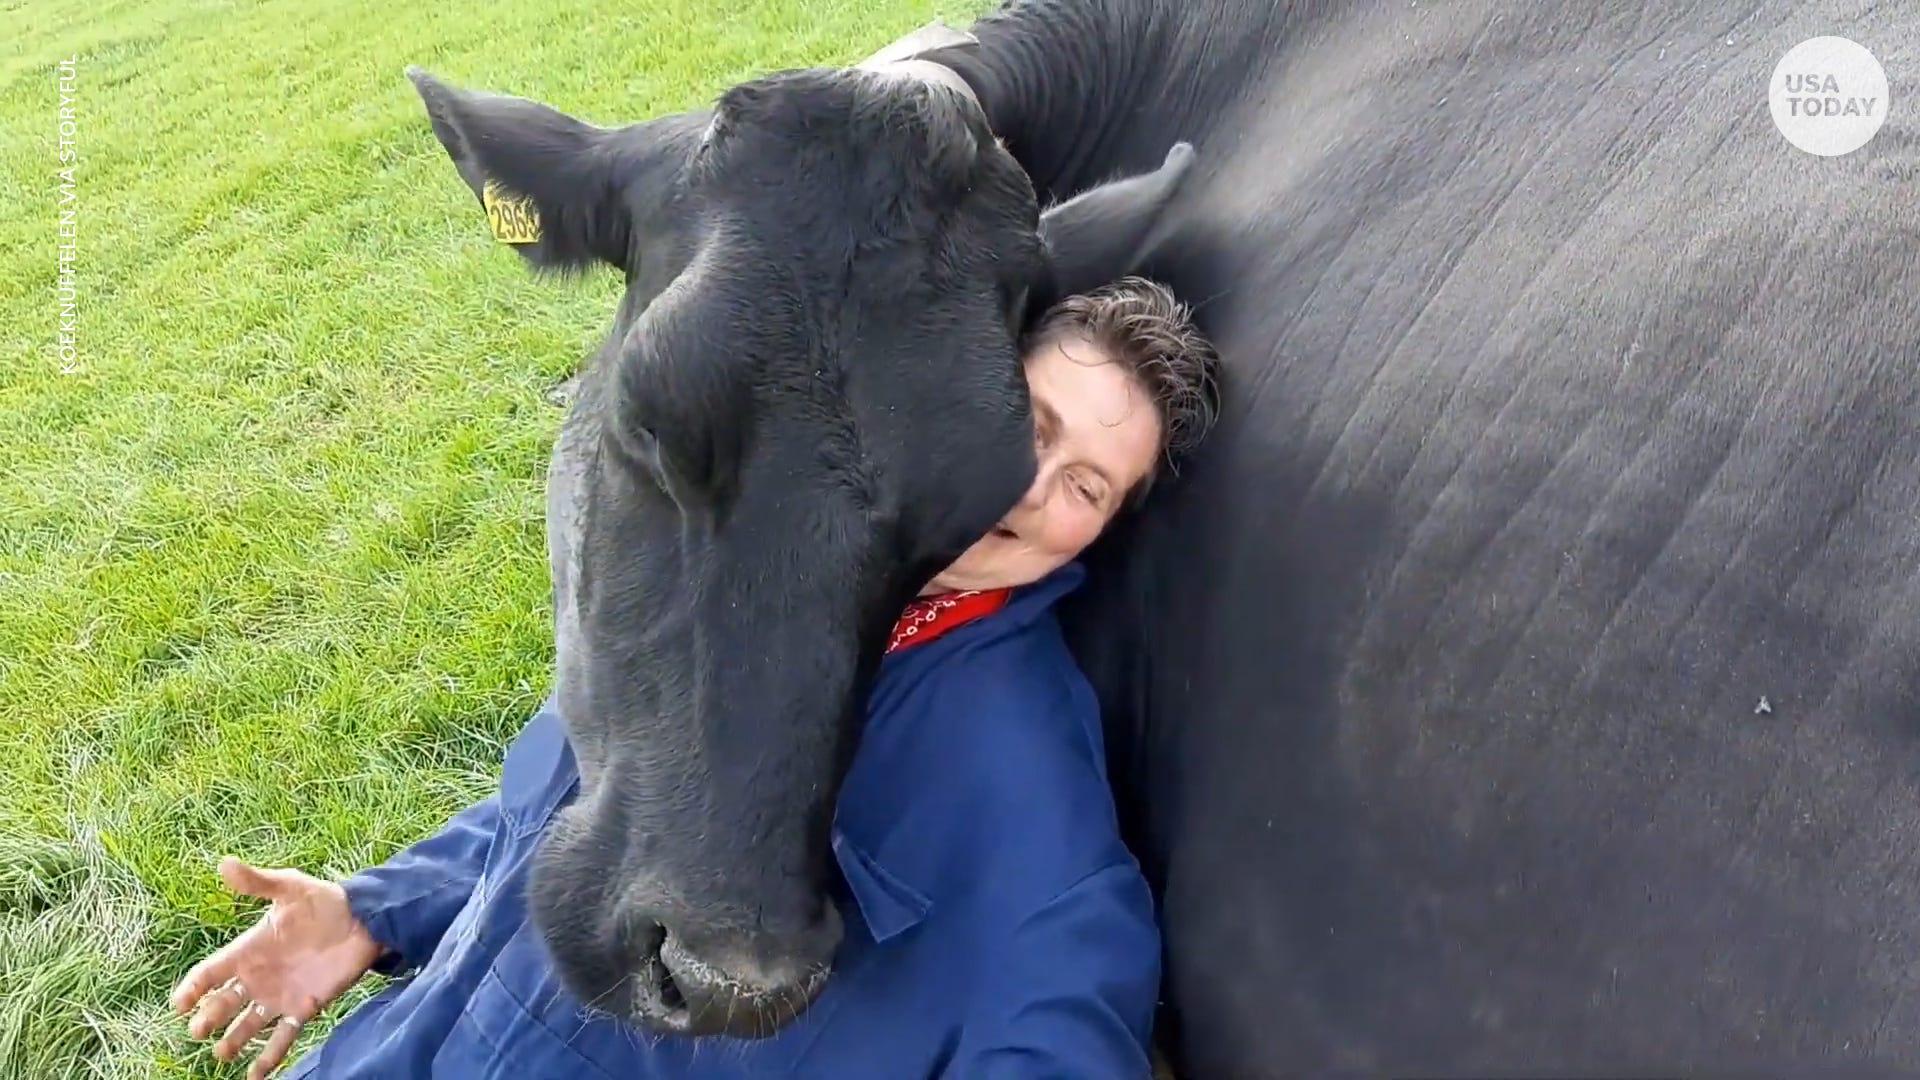 Cuddly cows hug on people at Dutch farm